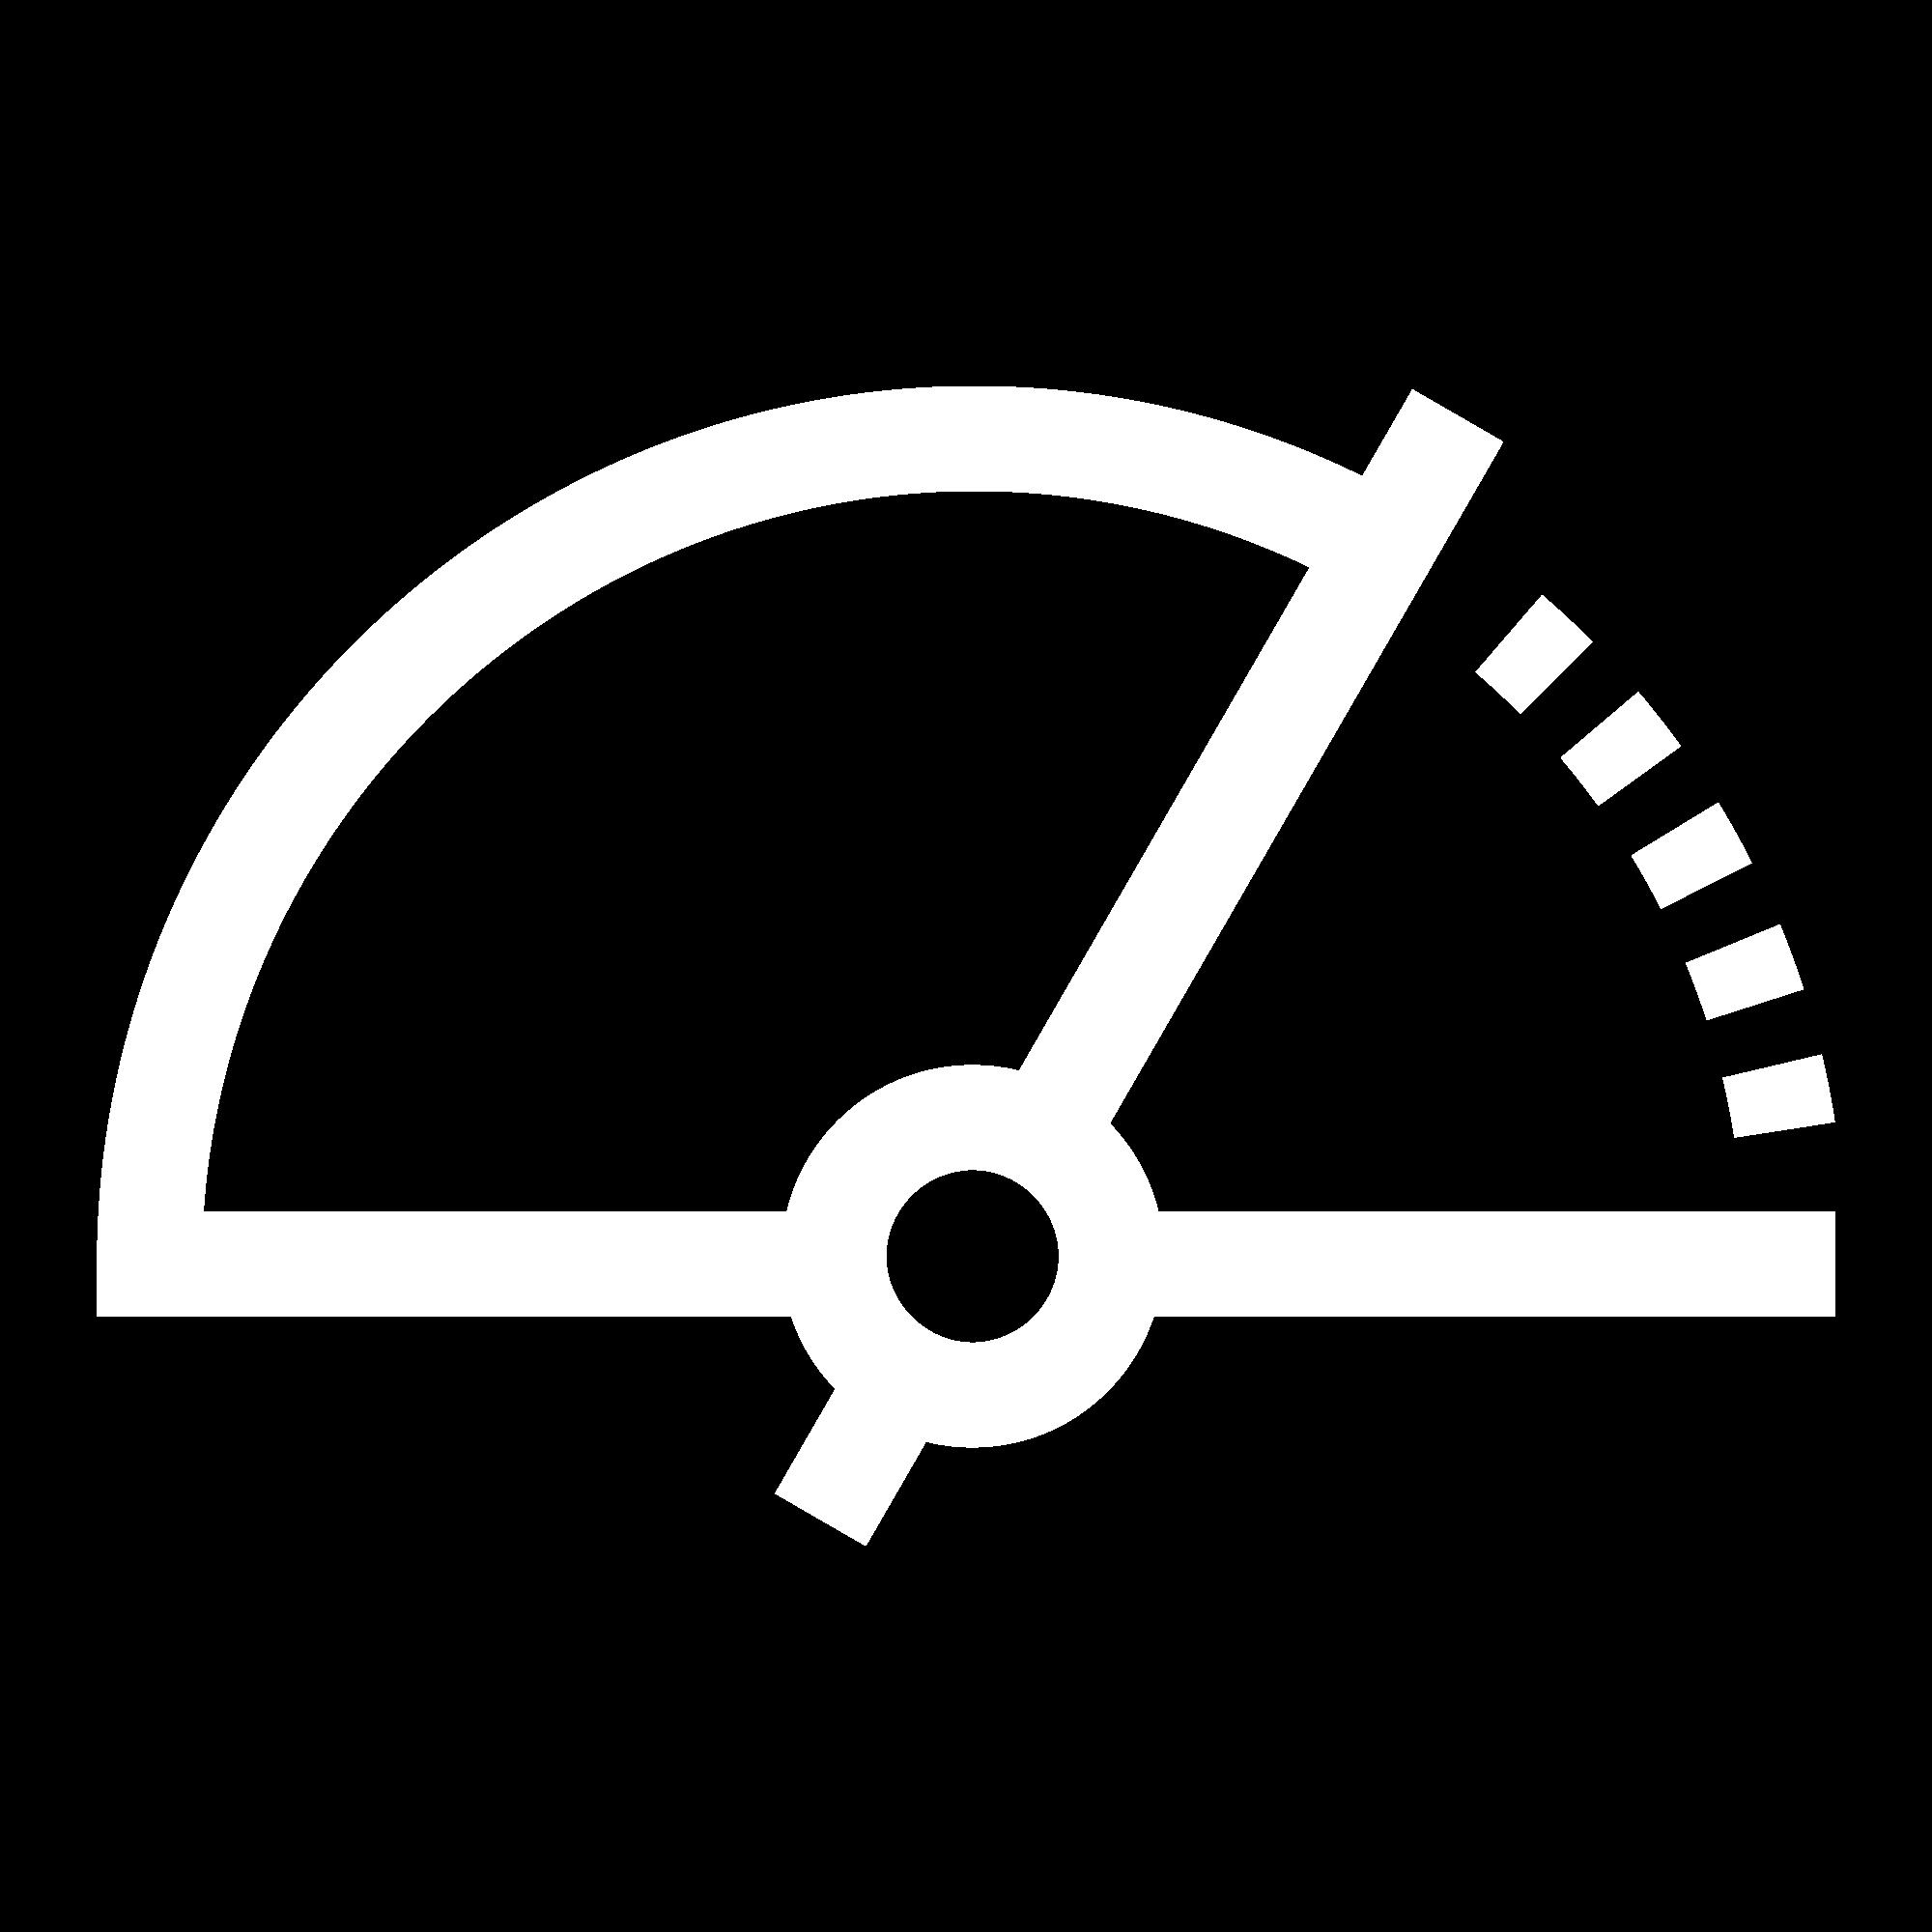 PersonalBandwidth_White_RGB (1)